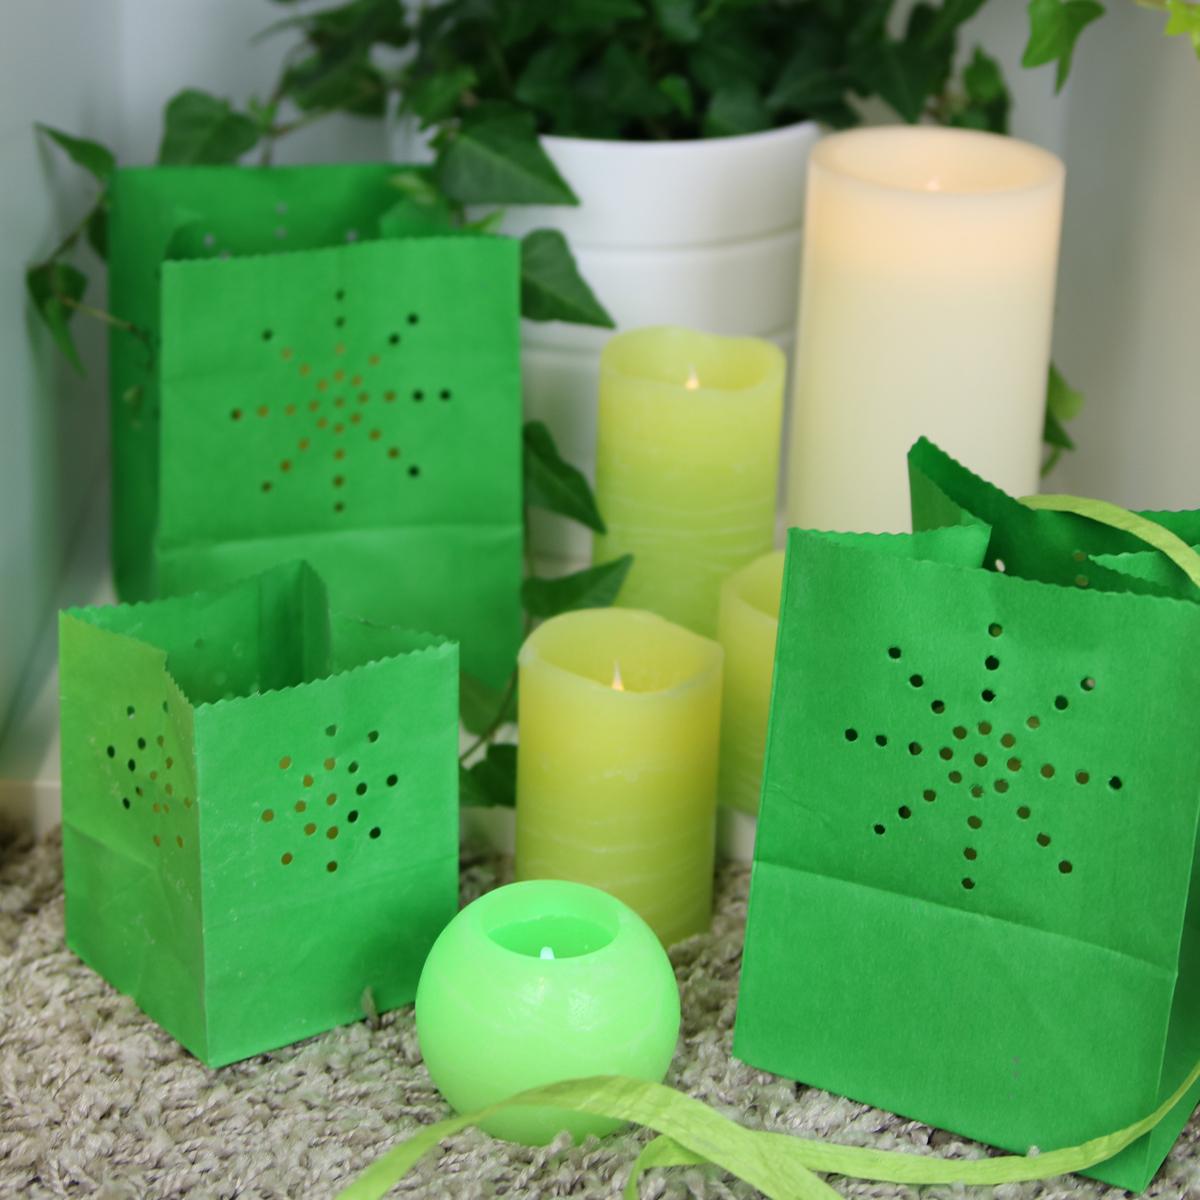 ambiance verte constitué de sacs lumineux et de bougies led